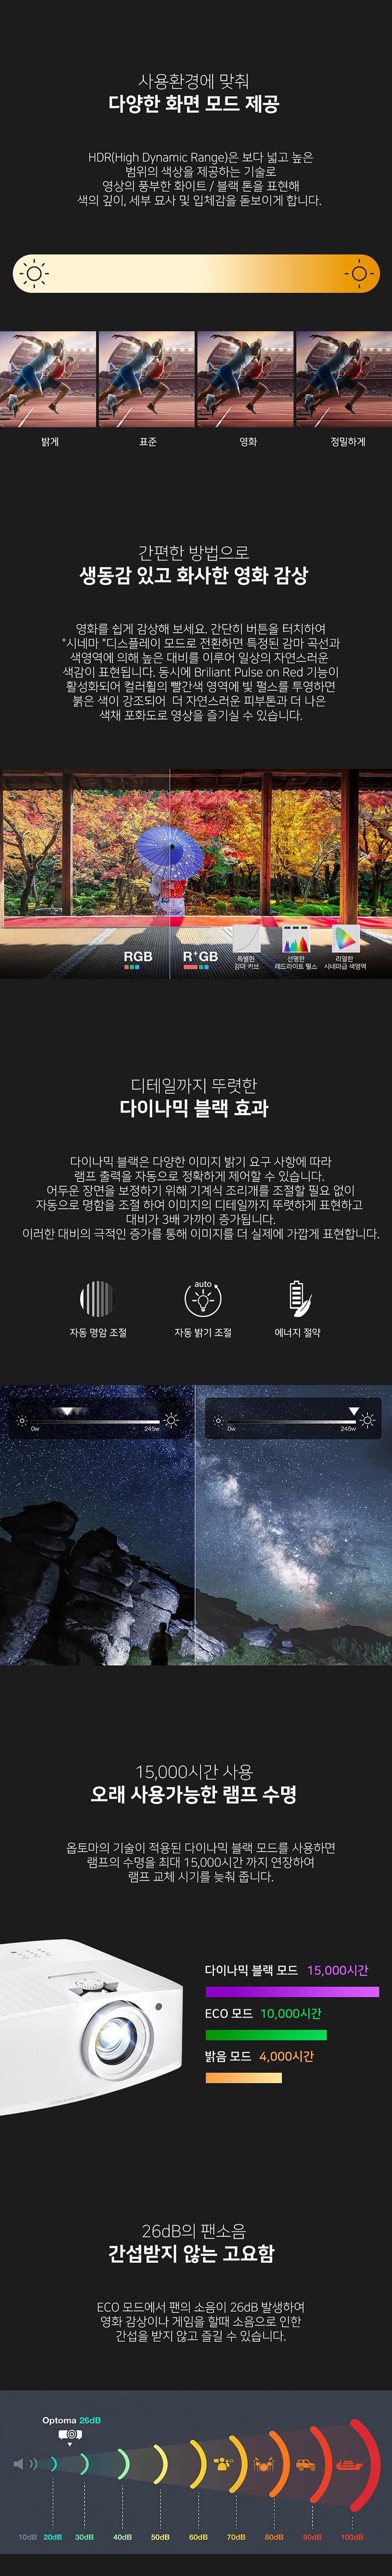 옵토마 4K 최신 프로젝터 솔로몬기술단 02 711 4003